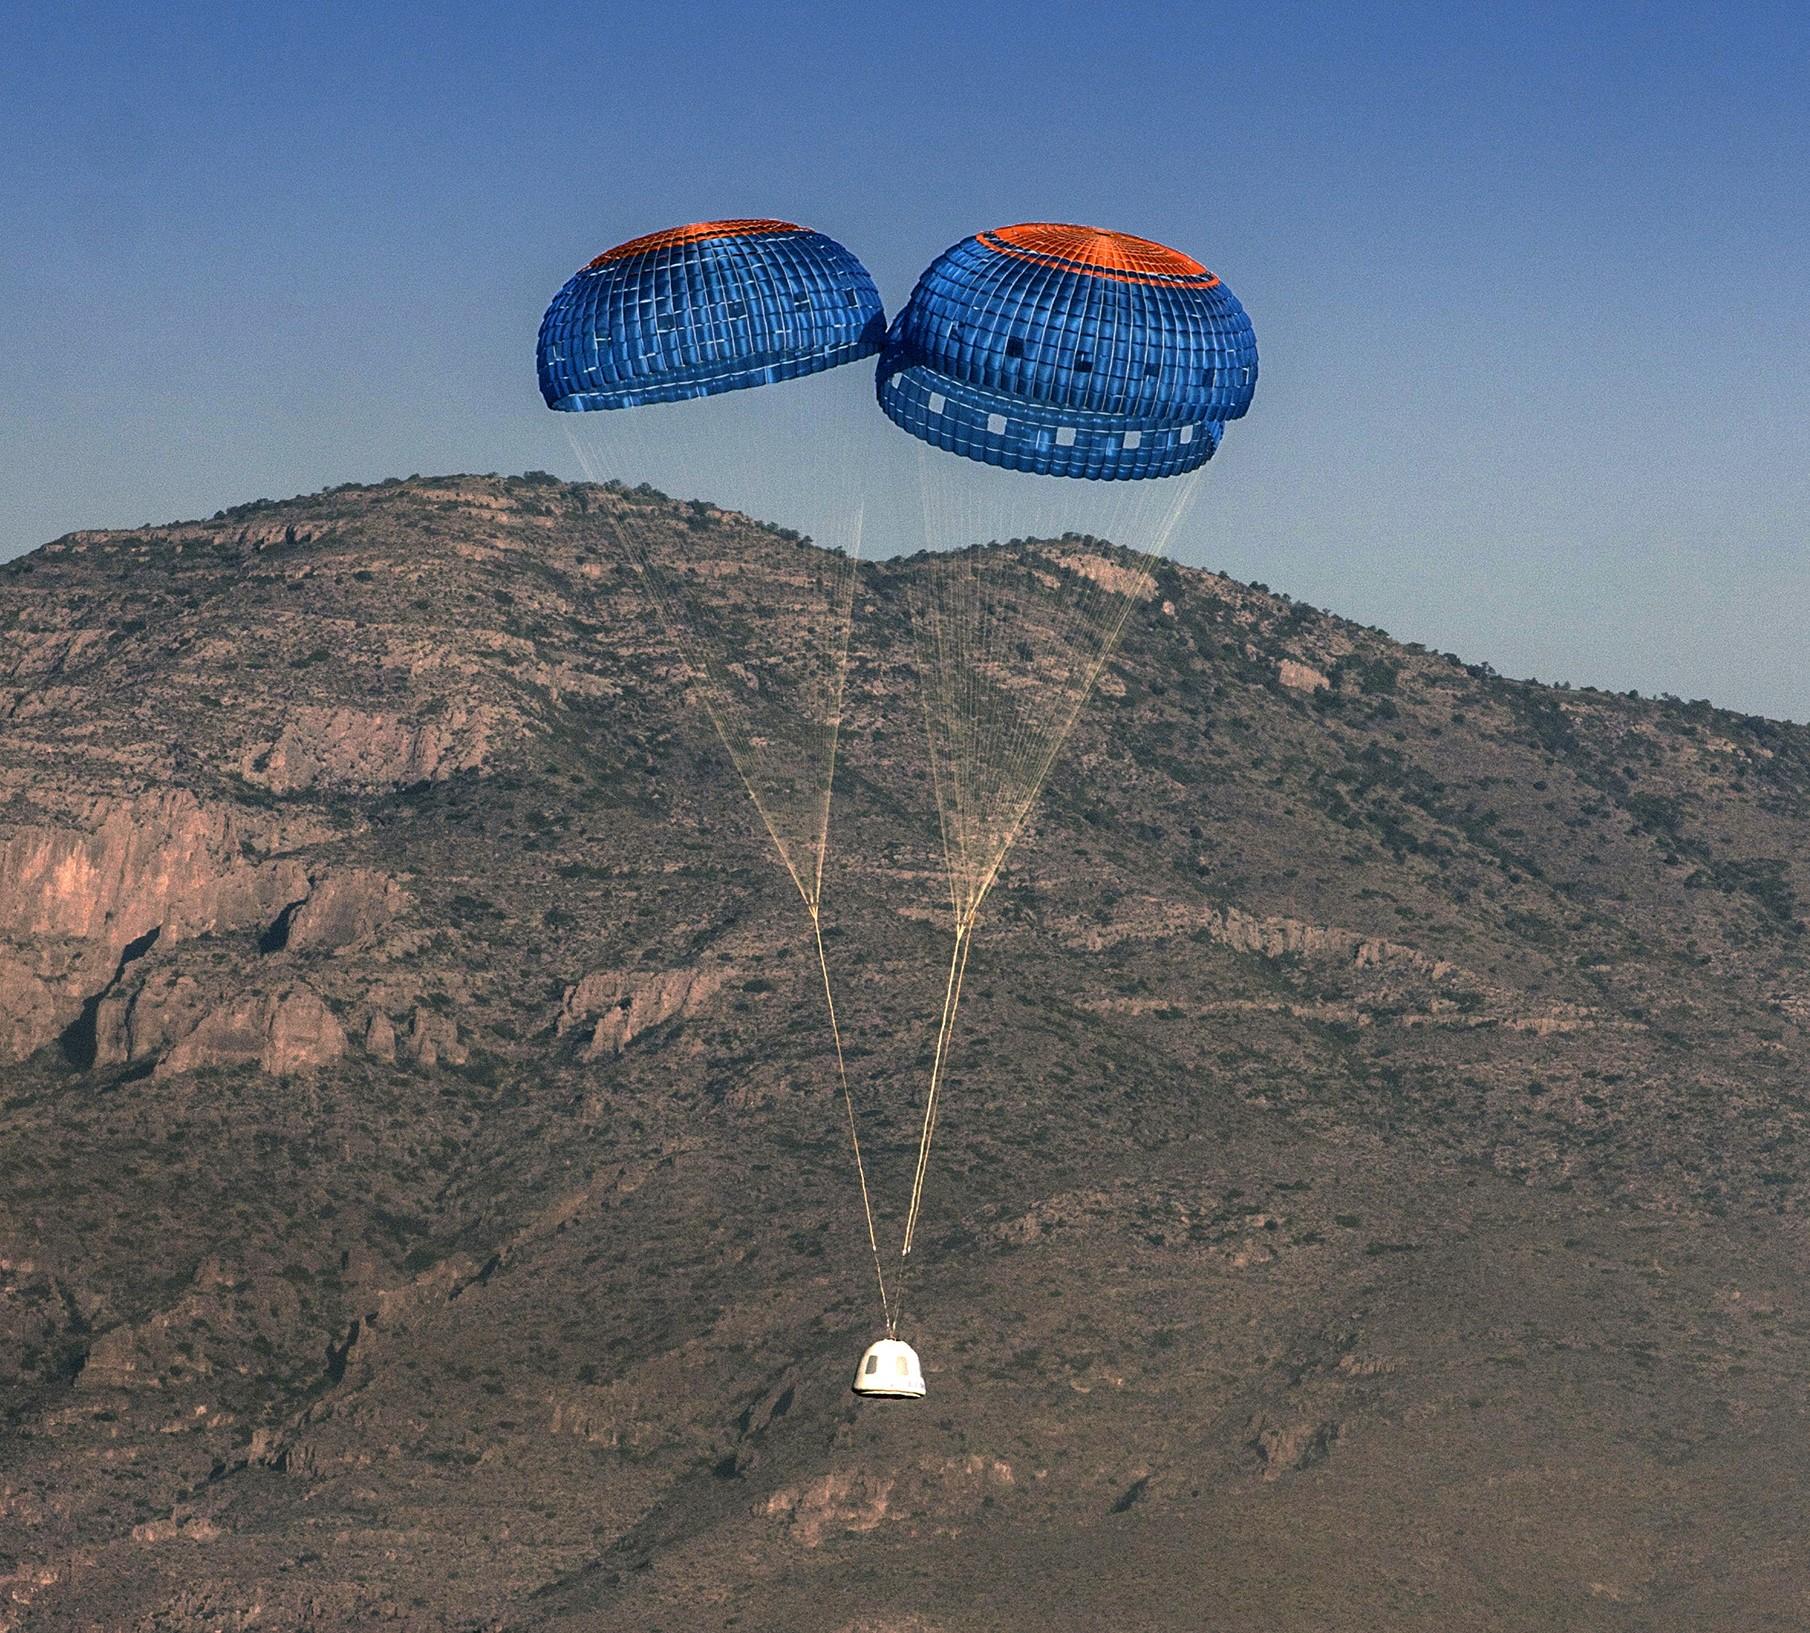 Blue Origin's next flight will test parachute failure - GeekWire